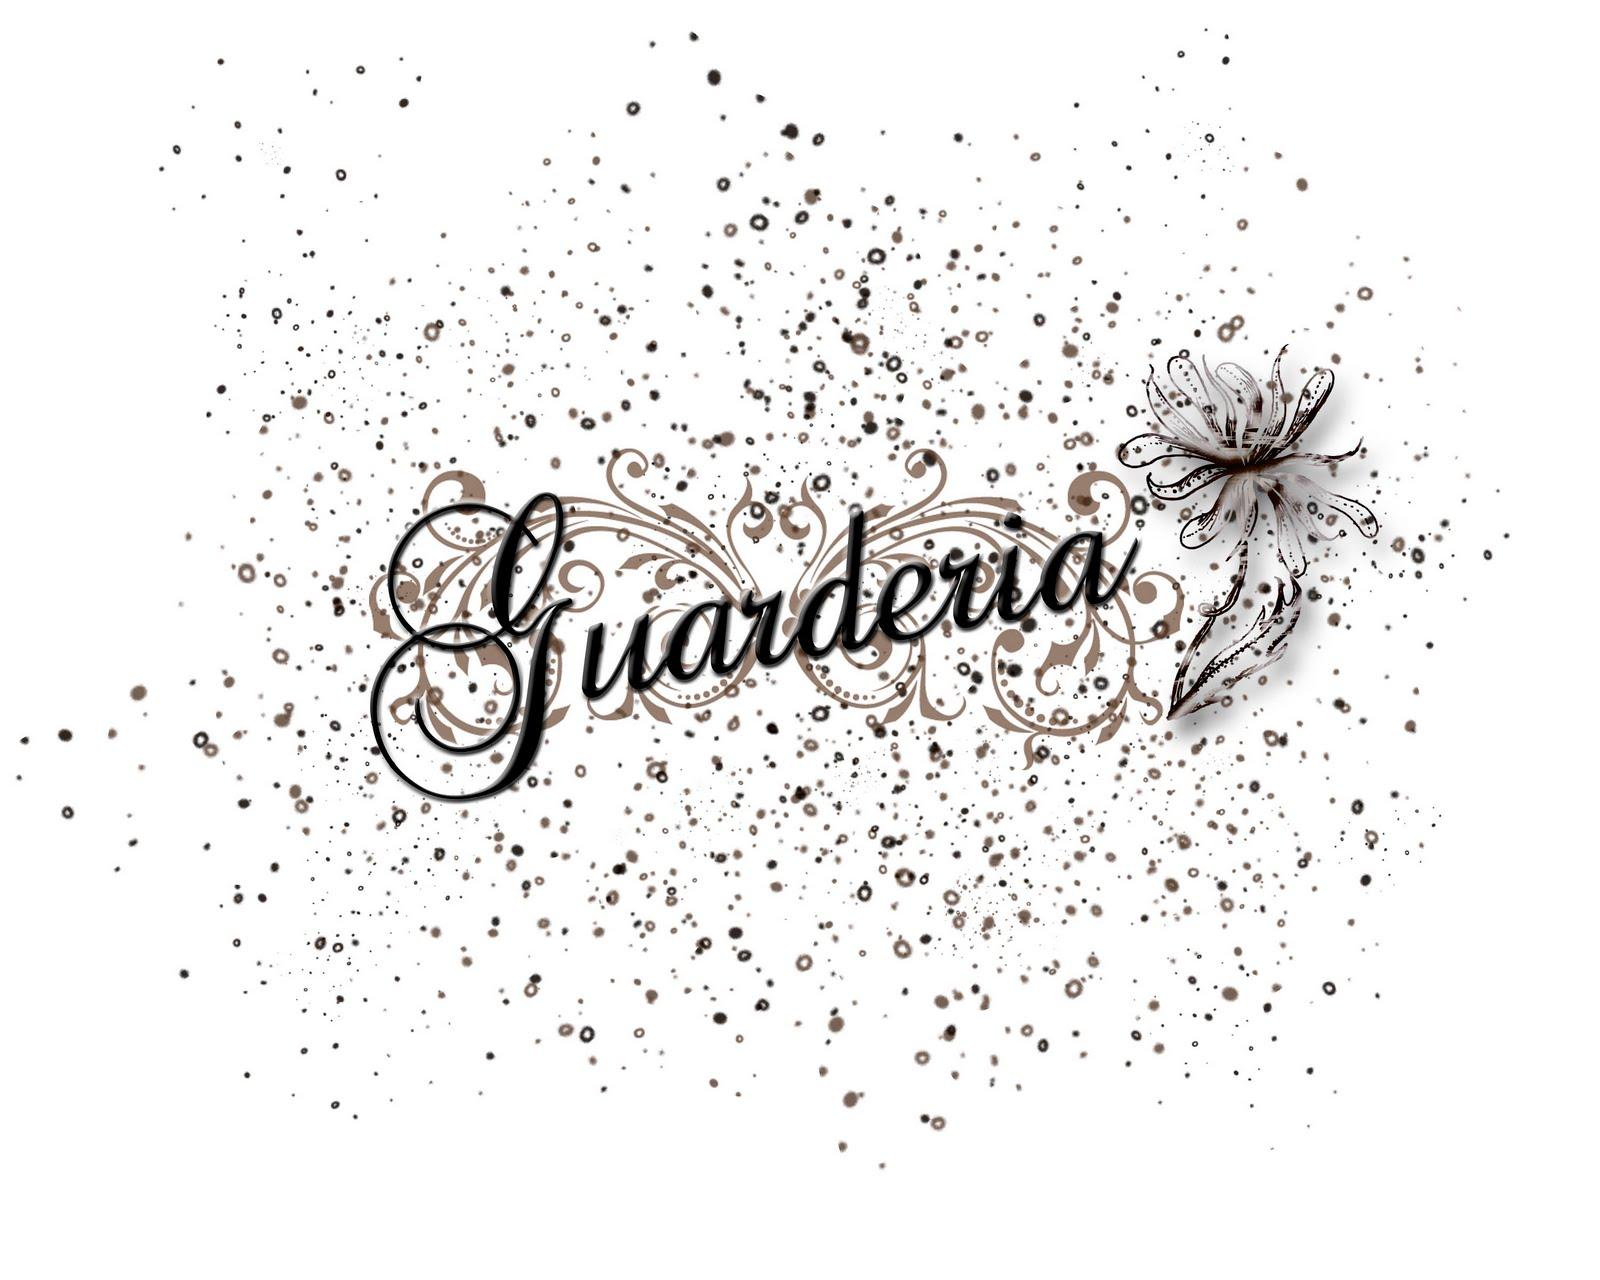 holamormon1: GUARDERIA \